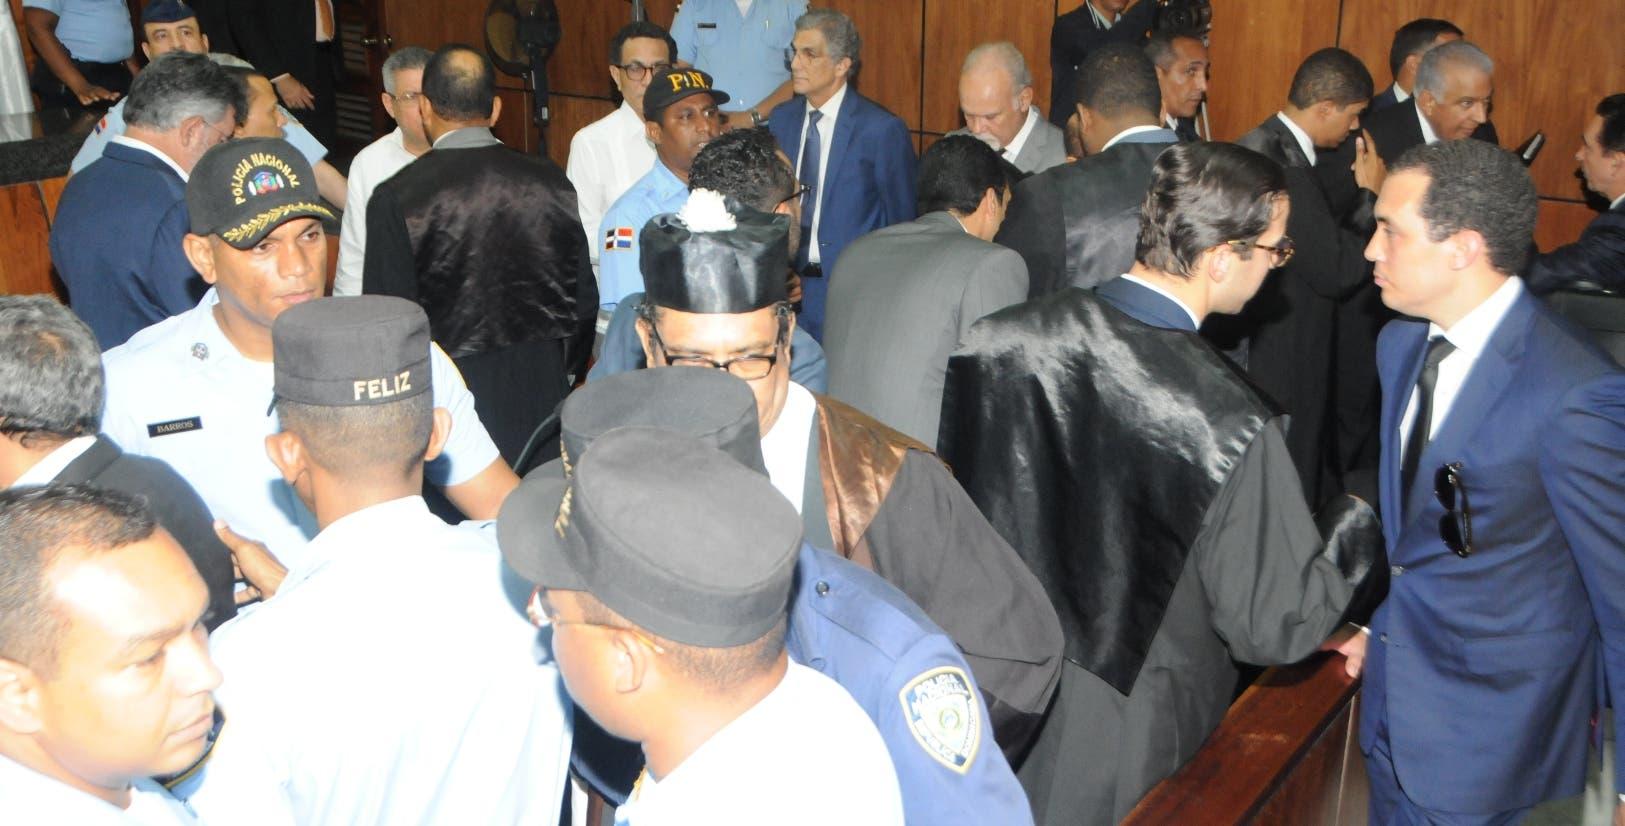 Director de Nuevo Modelo Penitenciario niega imputados caso Odebrecht tendrán privilegios